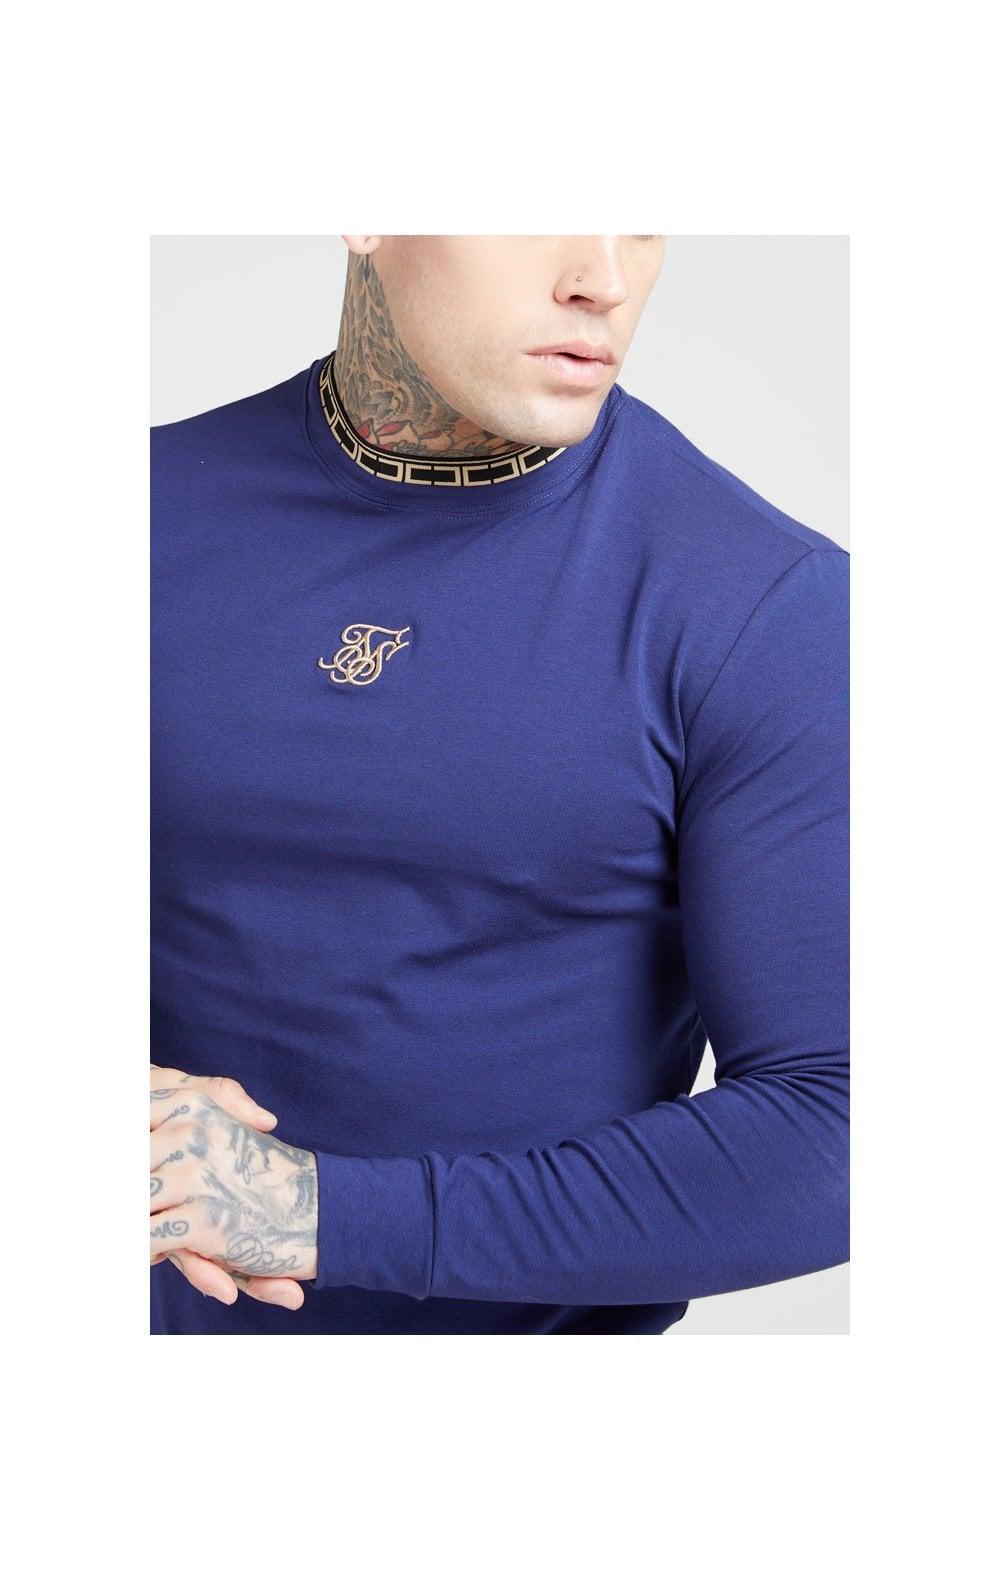 SikSilk L/S Tape Collar Gym Tee - Navy & Gold MEN SIZES TOP: XS